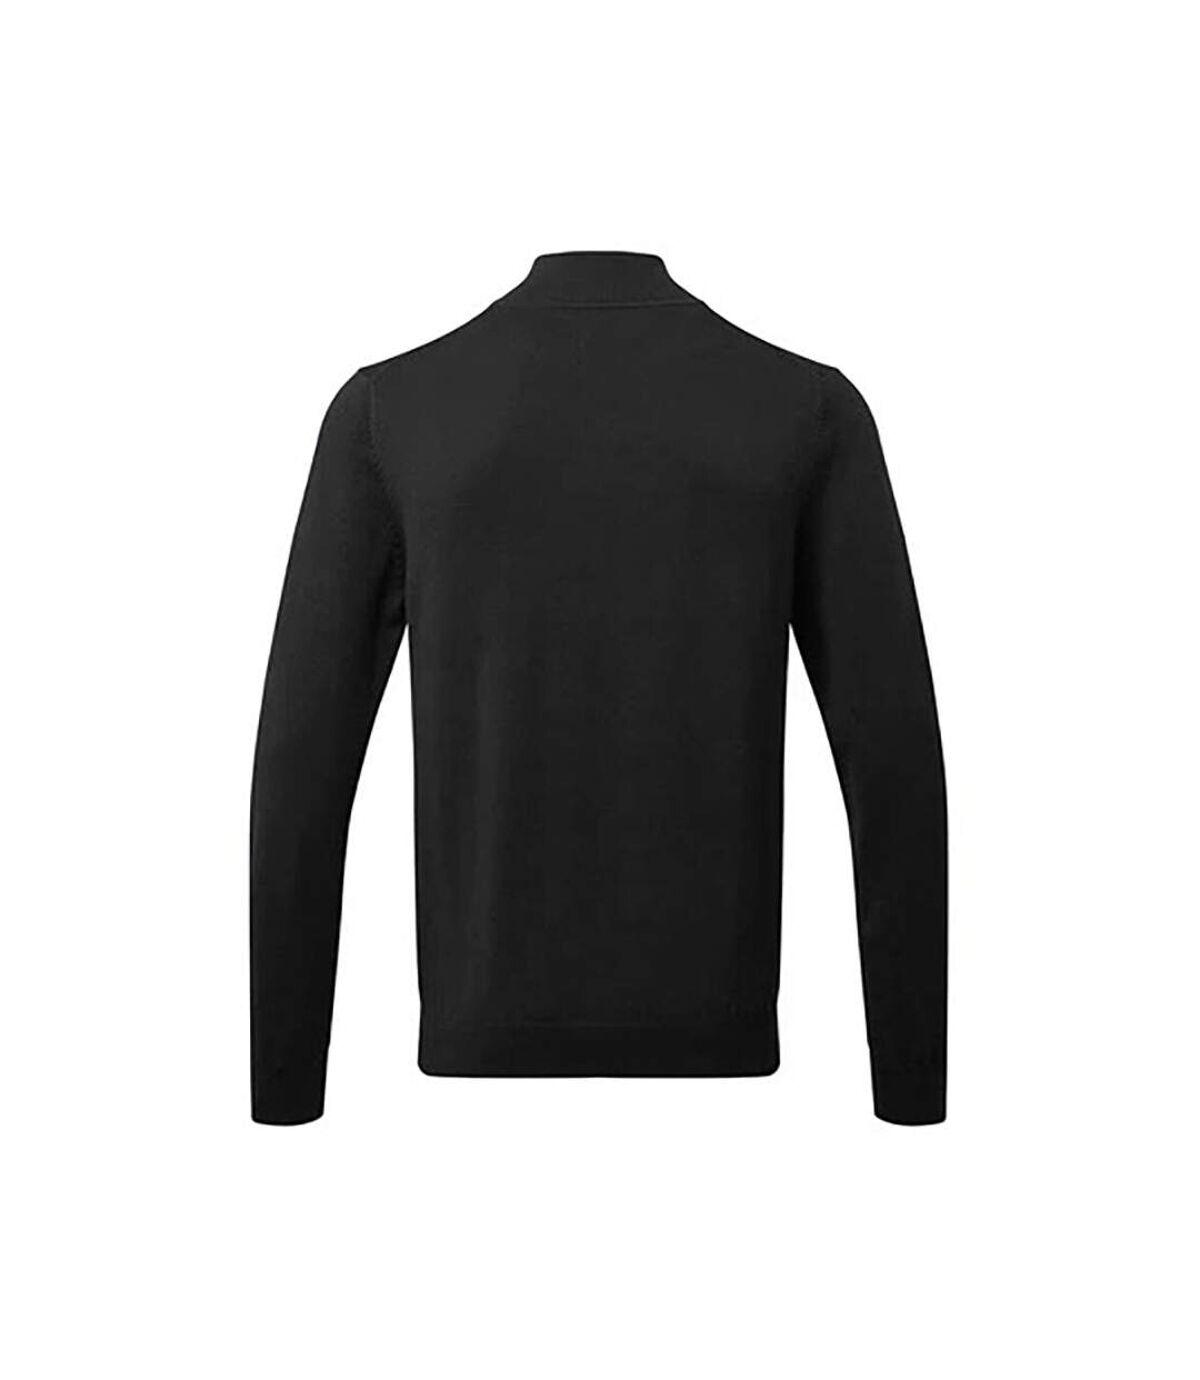 Asquith & Fox Mens Cotton Blend Zip Sweatshirt (Black) - UTRW6640